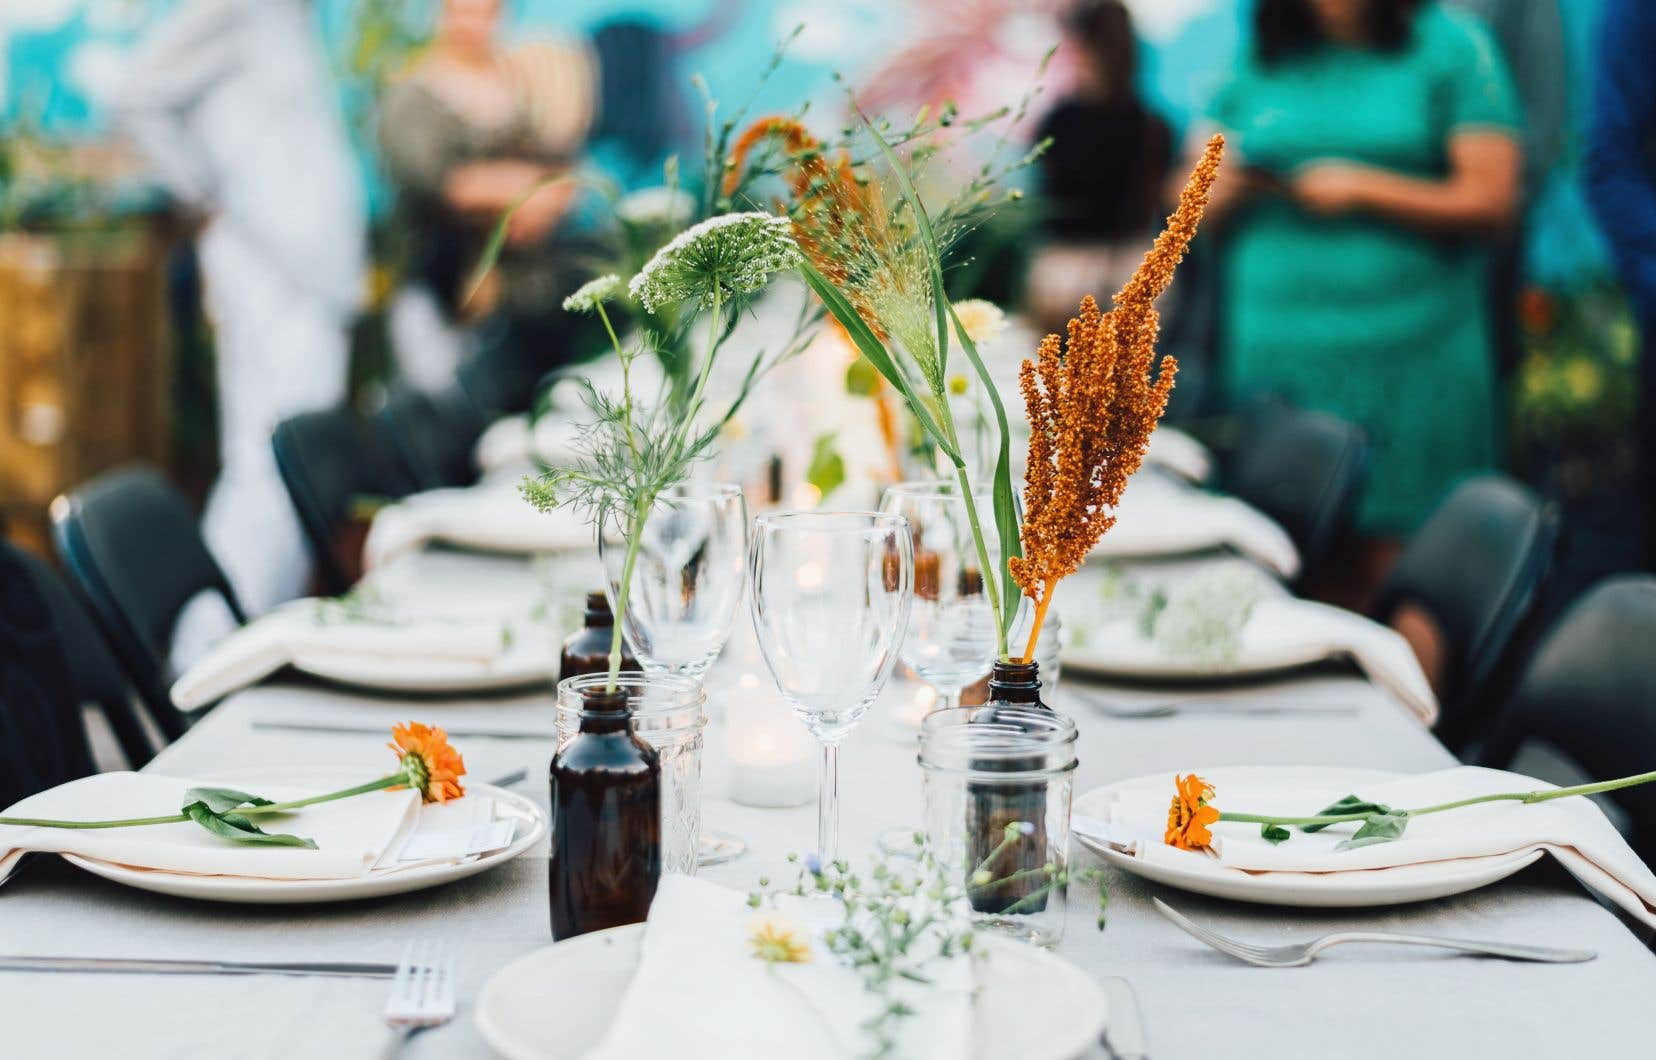 Les événements Saisons sont une série de repas saisonniers dans un endroit et avec un chef québécois chaque fois différents, où l'art de la table est soigné.